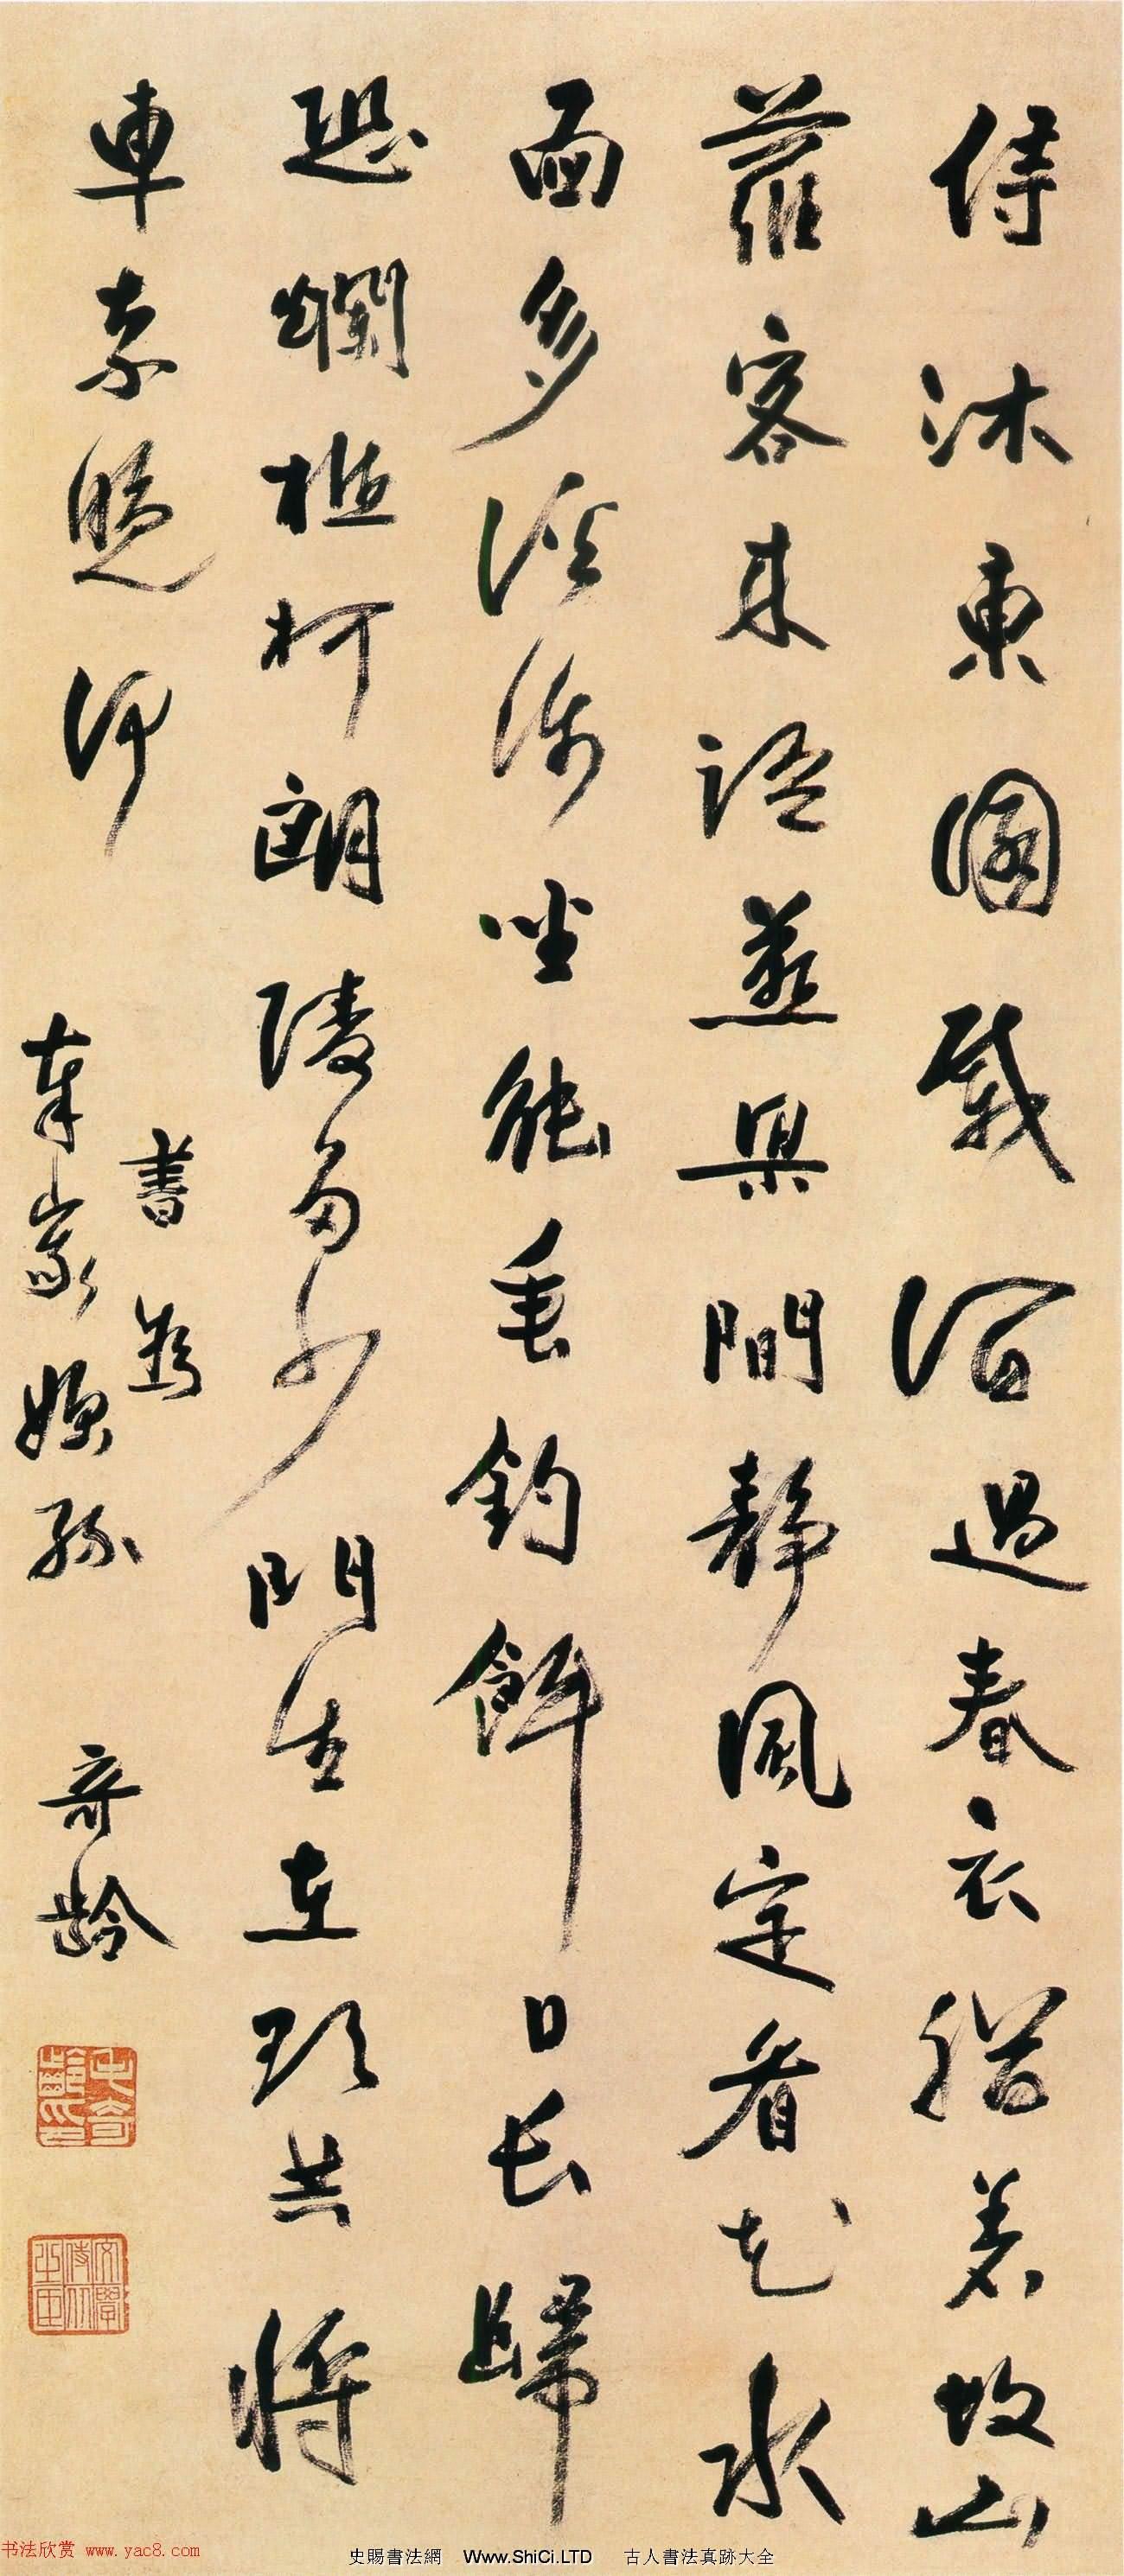 清初文人毛奇齡書法藝術真跡欣賞(共7張圖片)